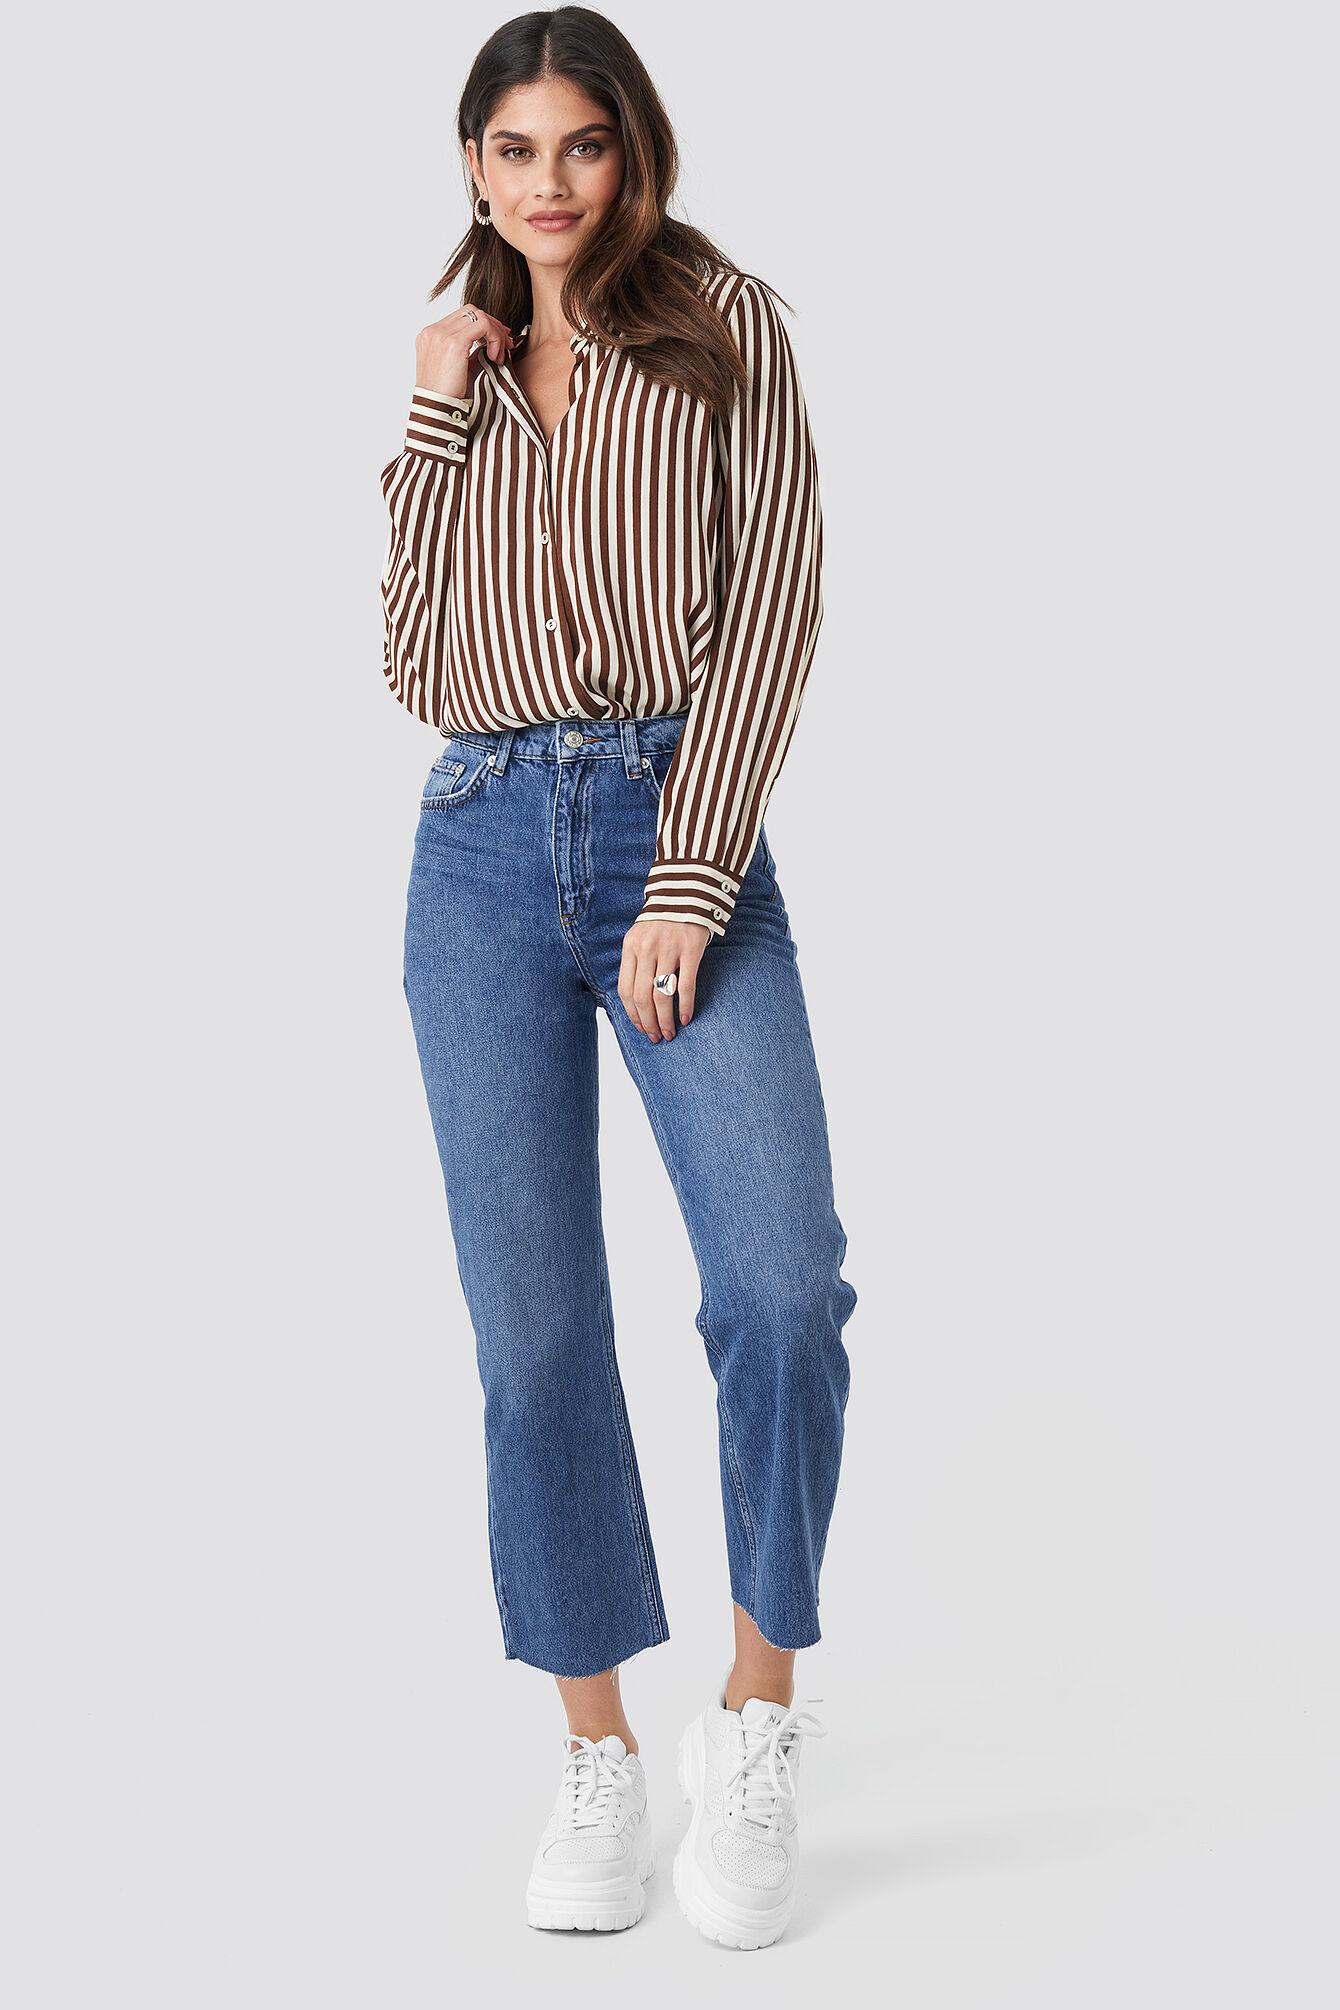 NA-KD Trend Raw Hem Straight Jeans - Blue  - Size: EU 32,EU 34,EU 36,EU 38,EU 40,EU 42